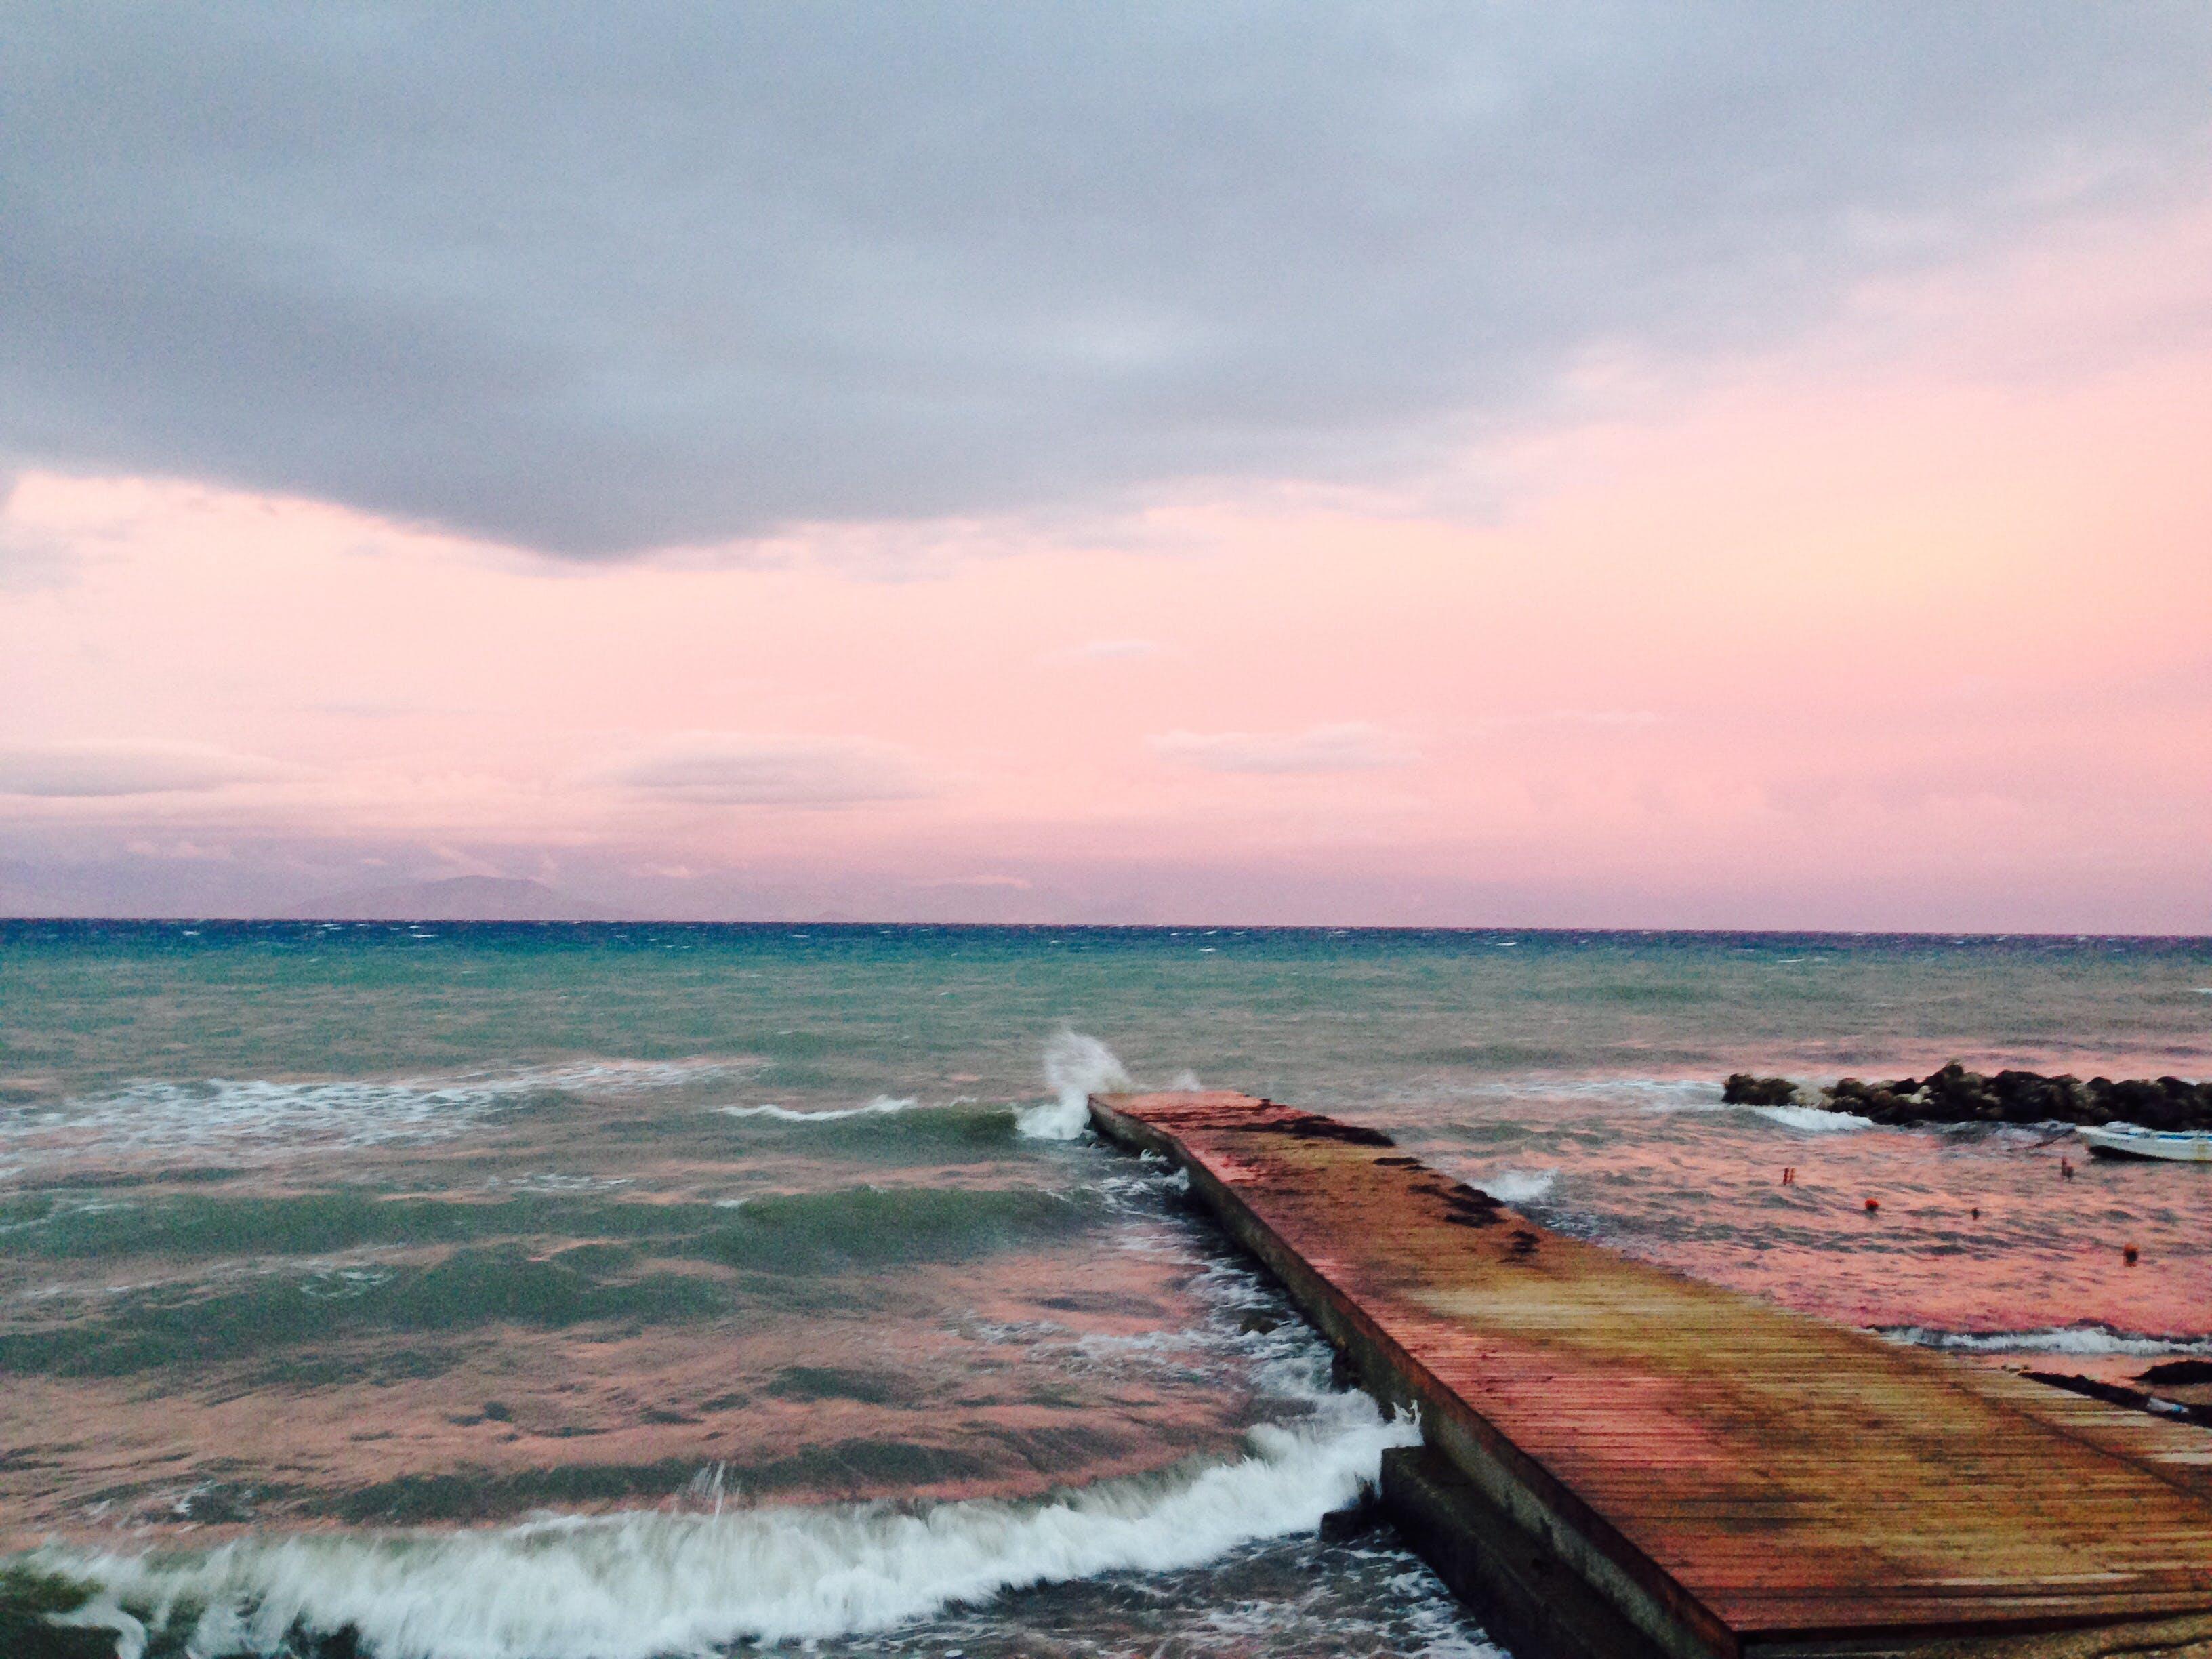 Free stock photo of nature, sky, sunset, beach